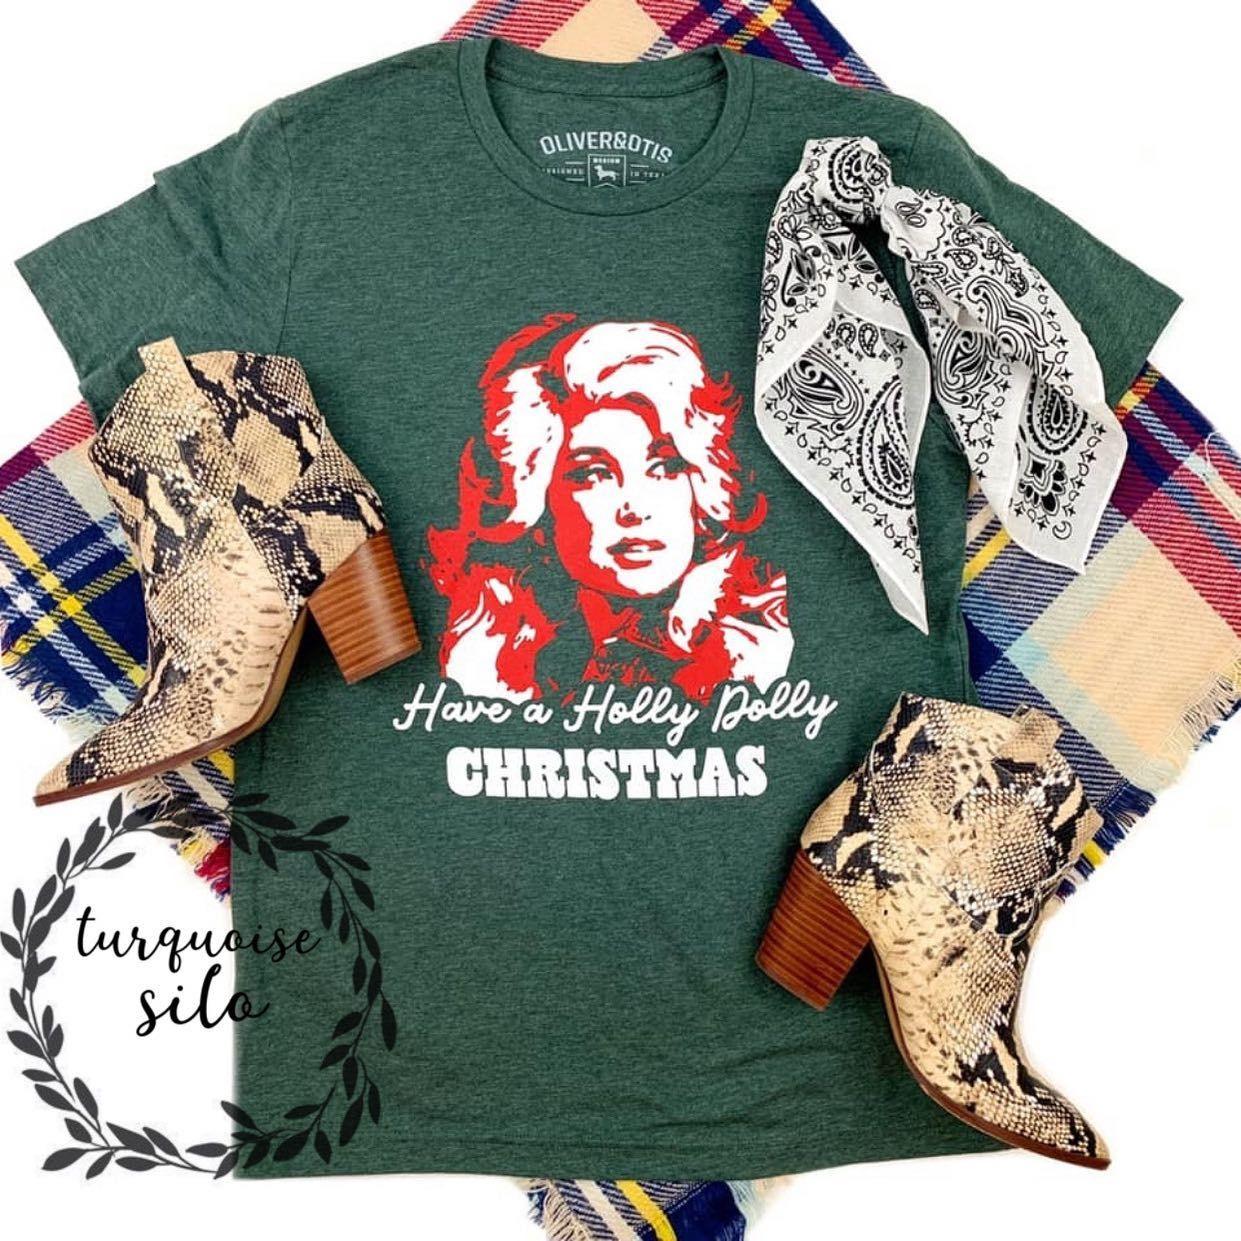 Holly Dolly Christmas 🎄 hollydolly christmas